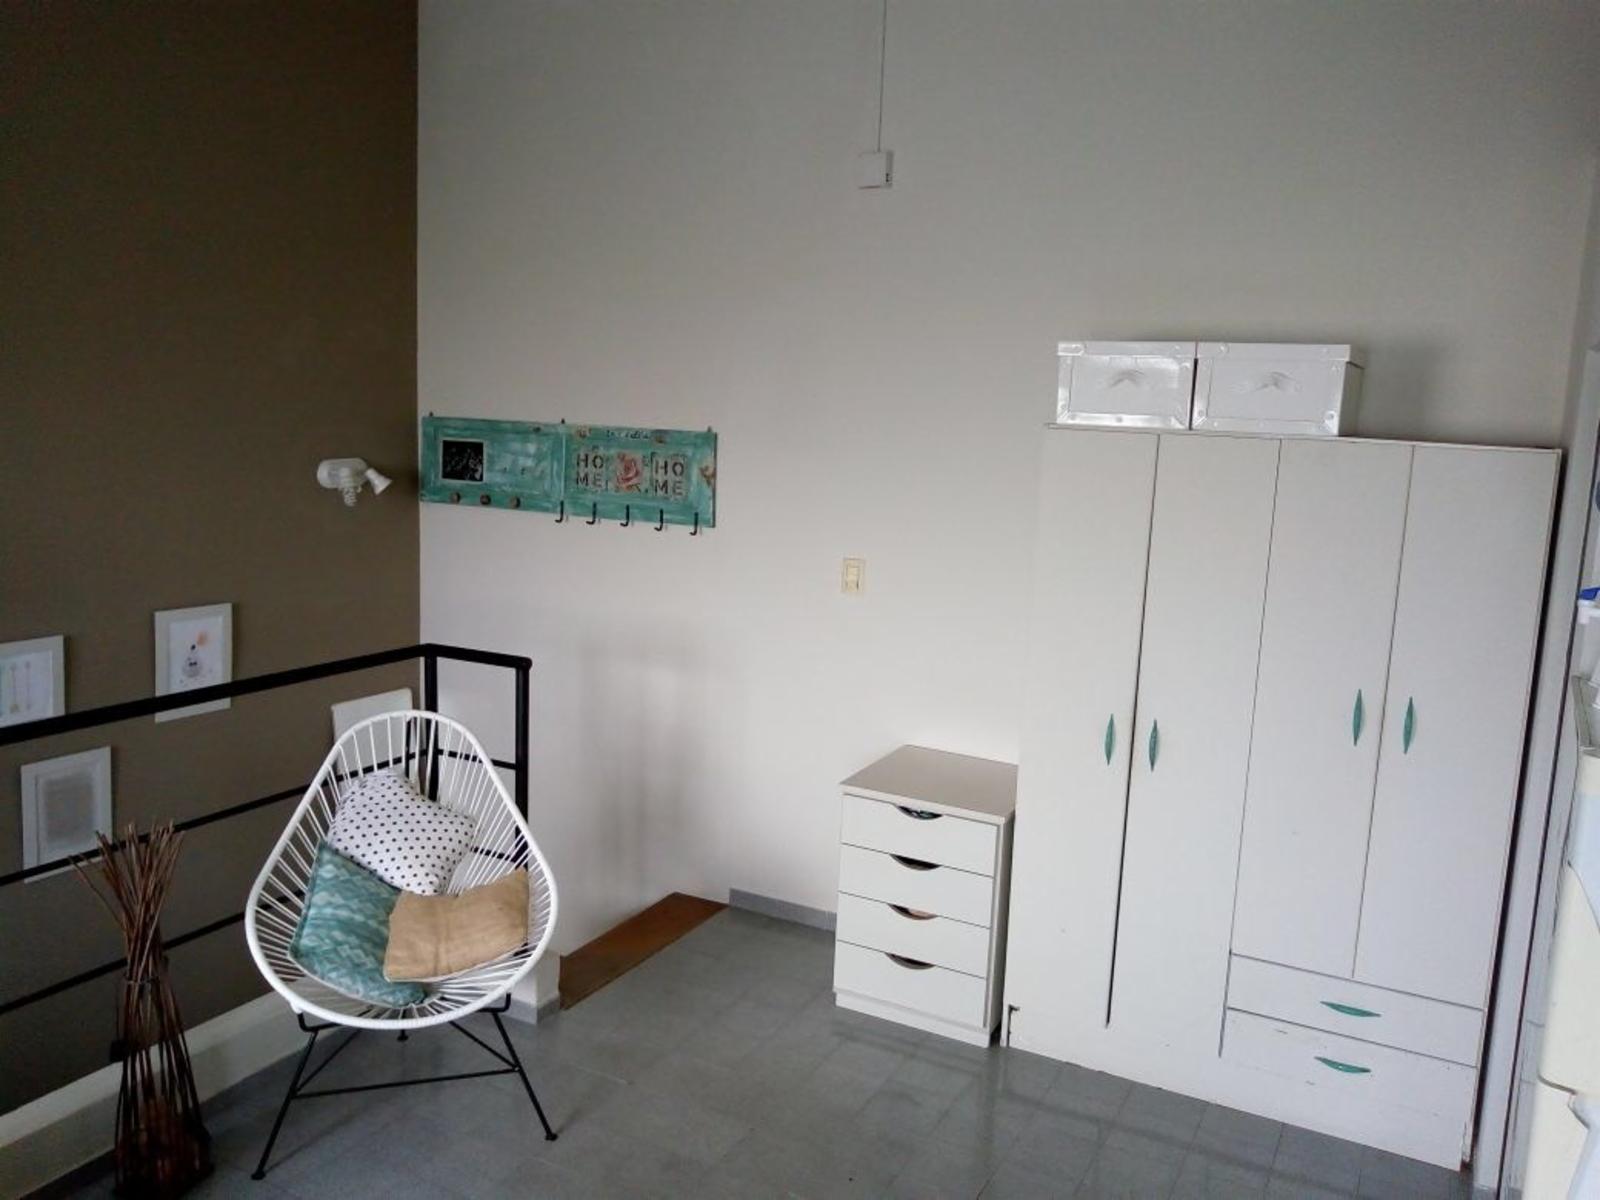 Mono-ambiente con o sin muebles. Con servicios conectados.., ADBARNI Servicios Inmobiliarios